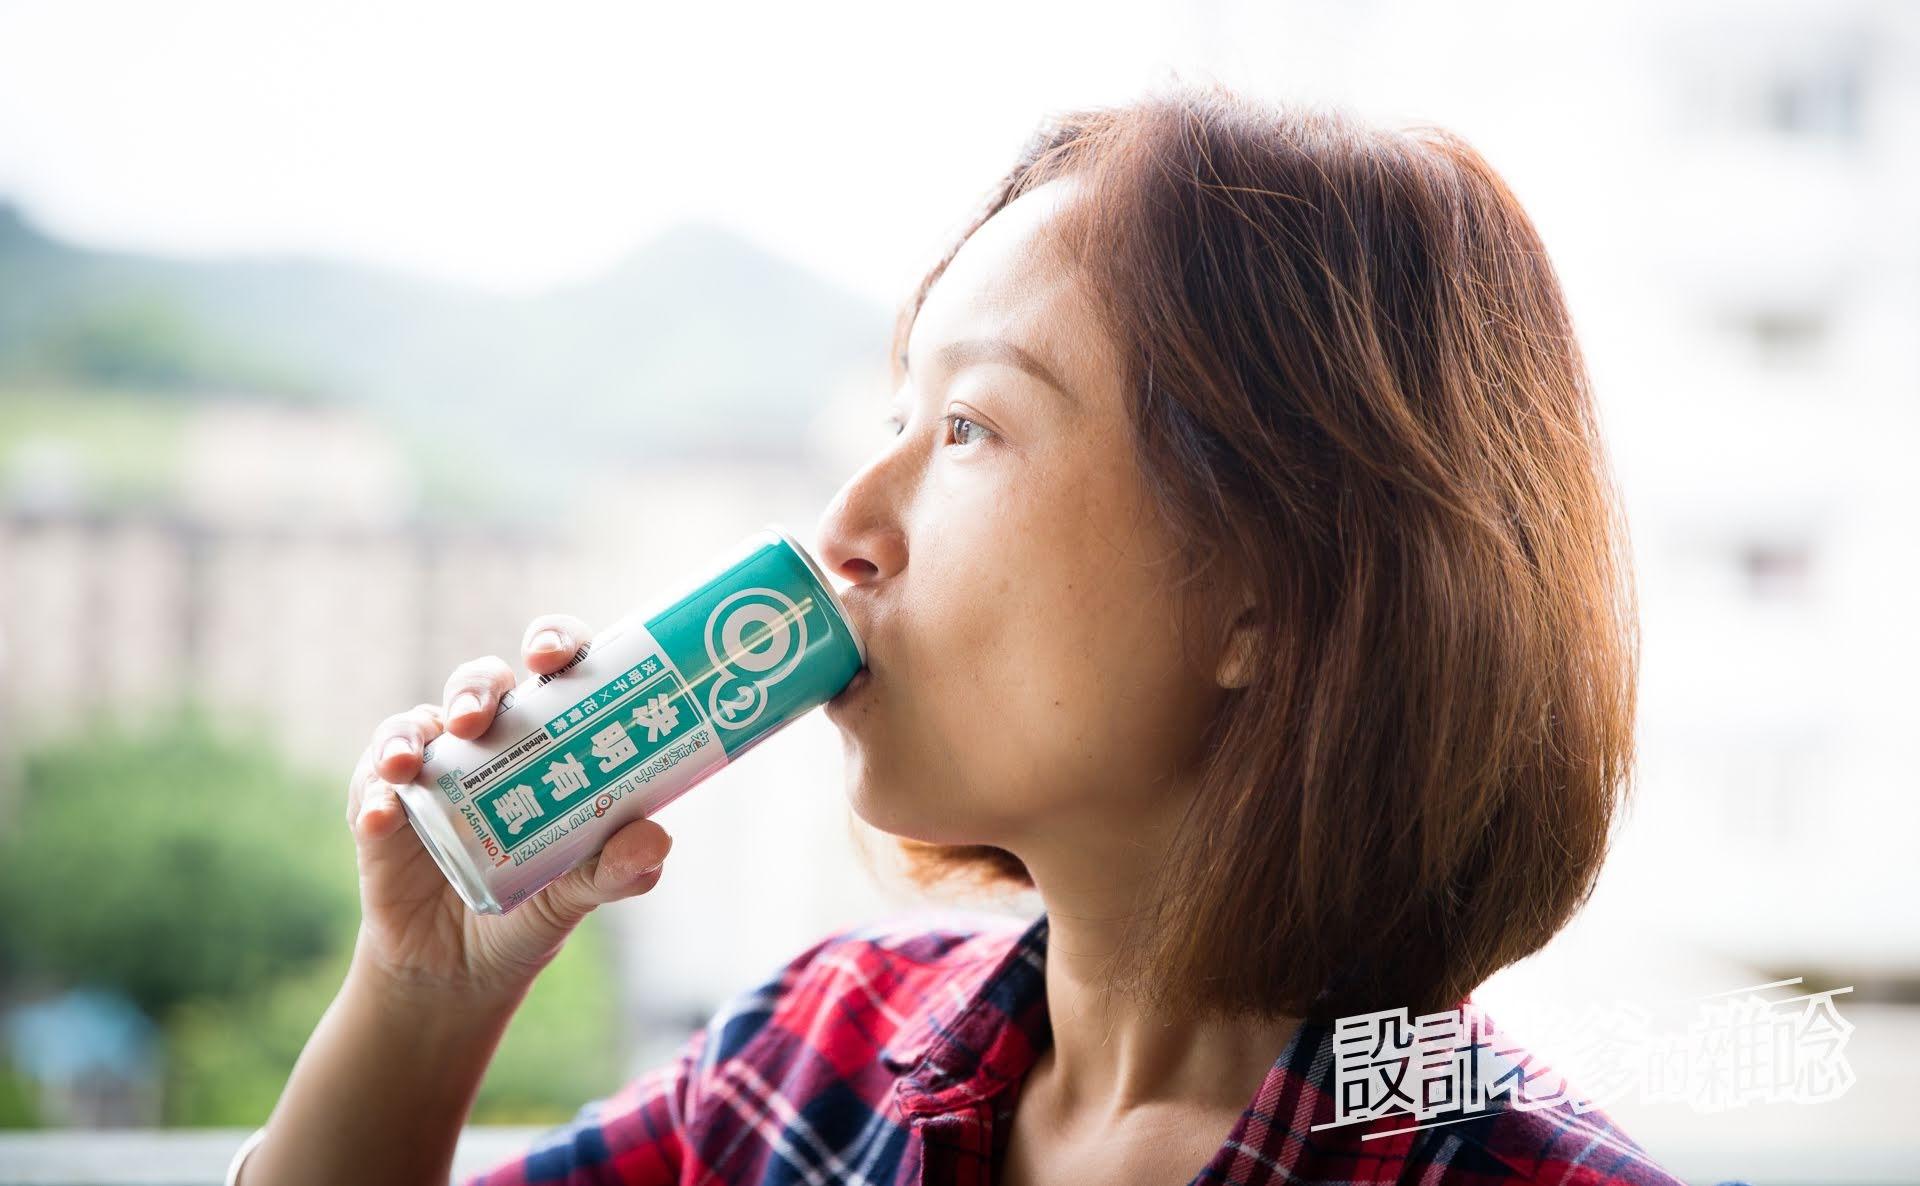 老虎牙子決明有氧飲...設計給總是不規律又耗損的上班族的飲料喔!